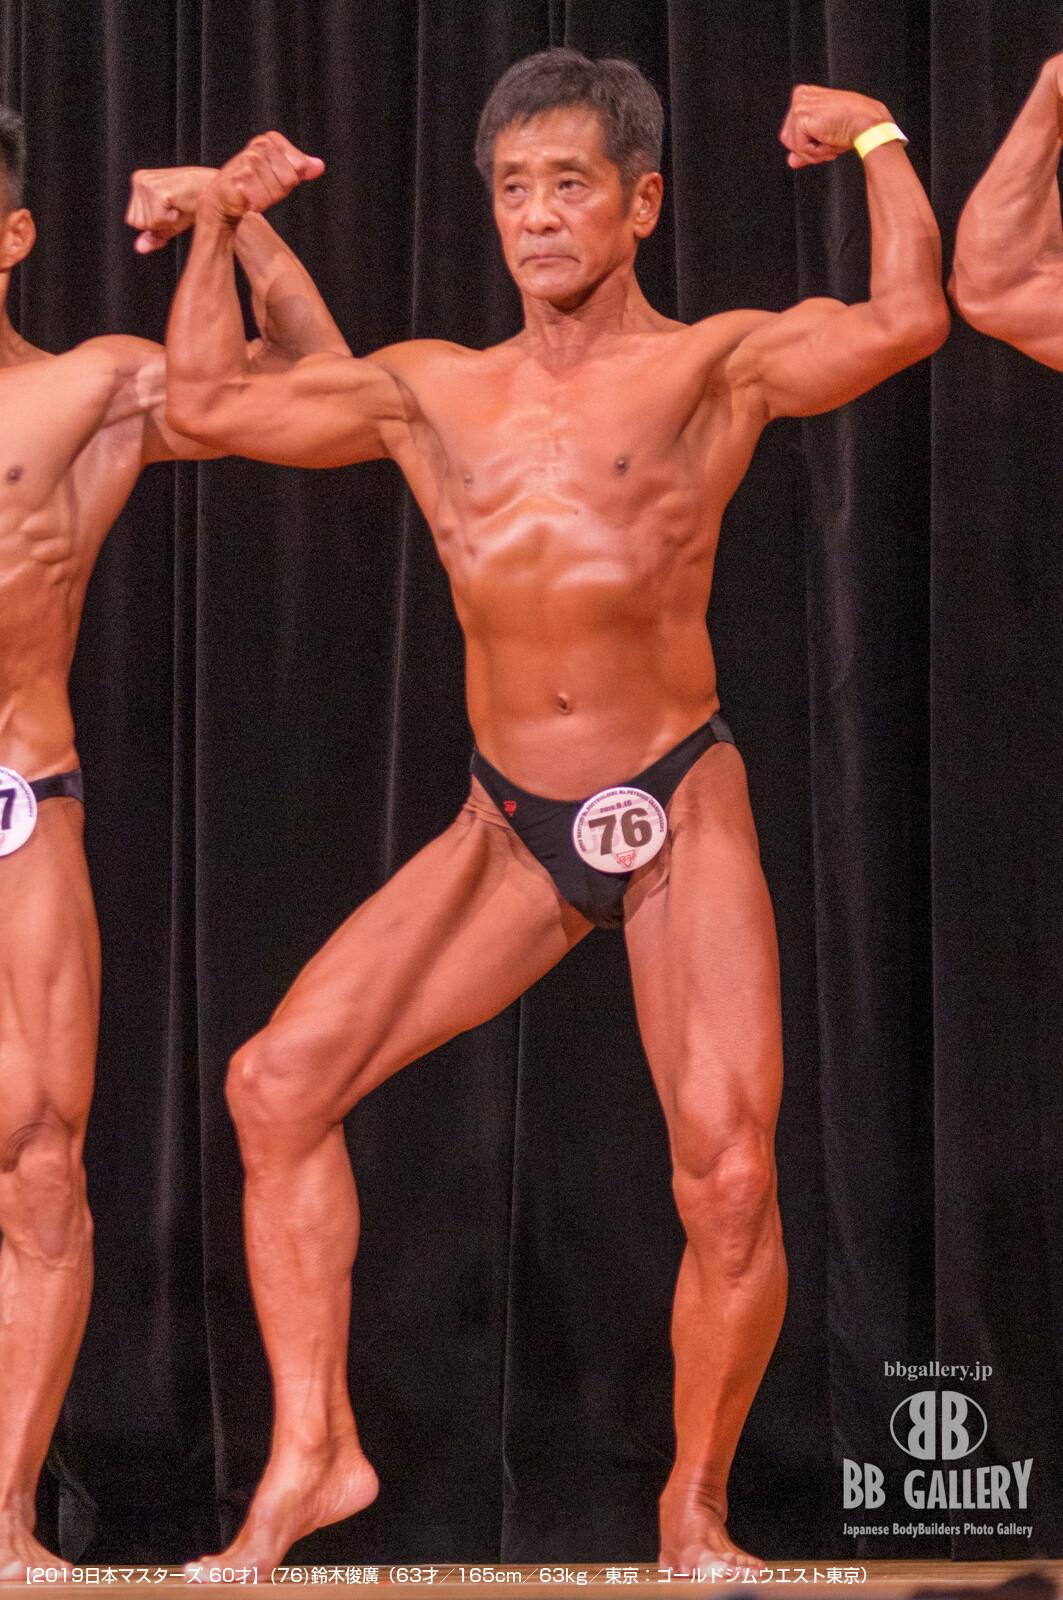 【2019日本マスターズ 60才】(76)鈴木俊廣(63才/165cm/63kg/東京:ゴールドジムウエスト東京)